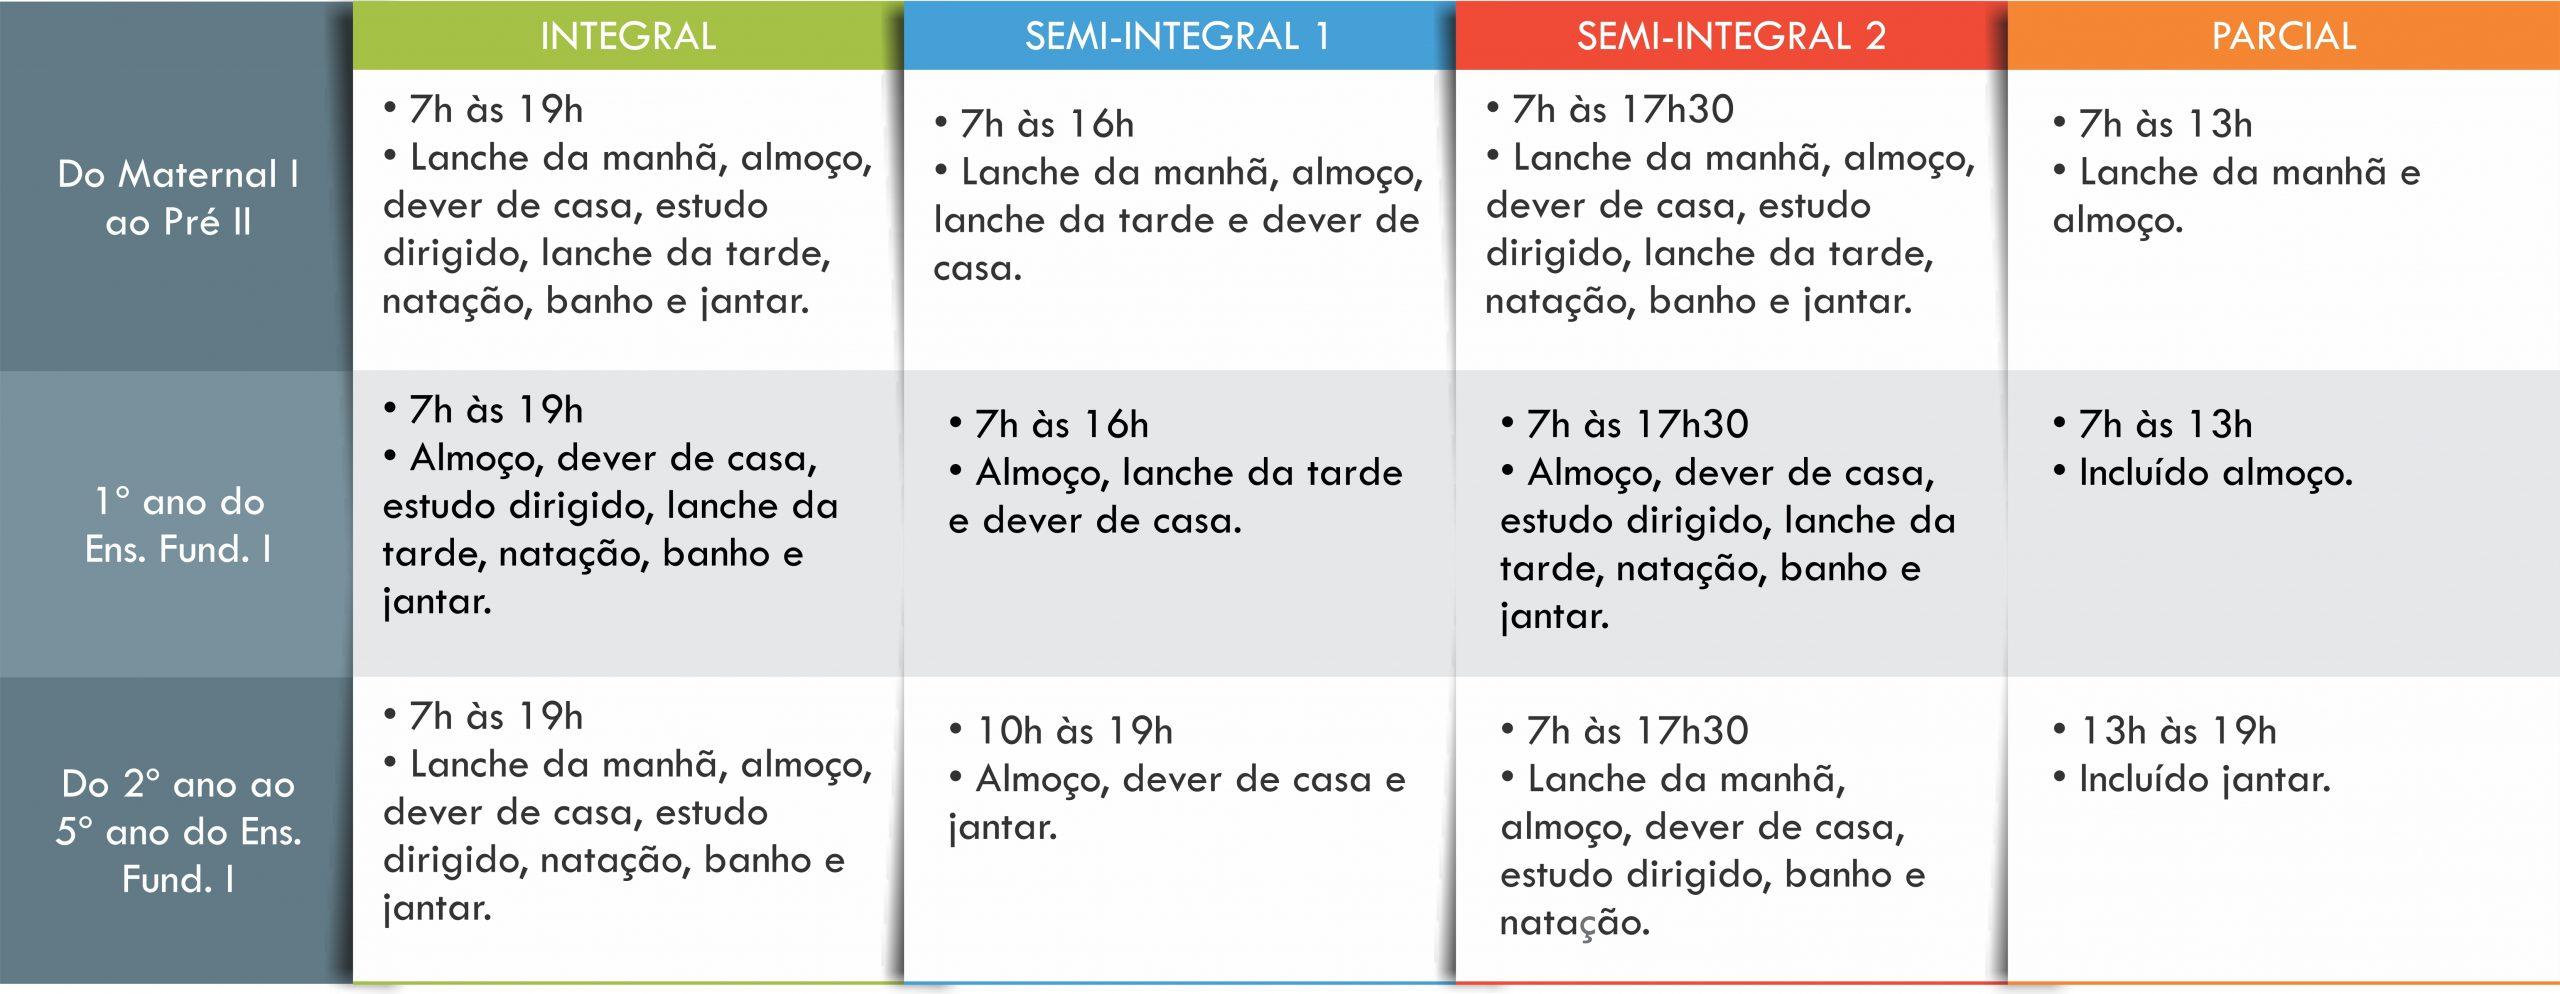 Tabela de modalidades da Escola Integral